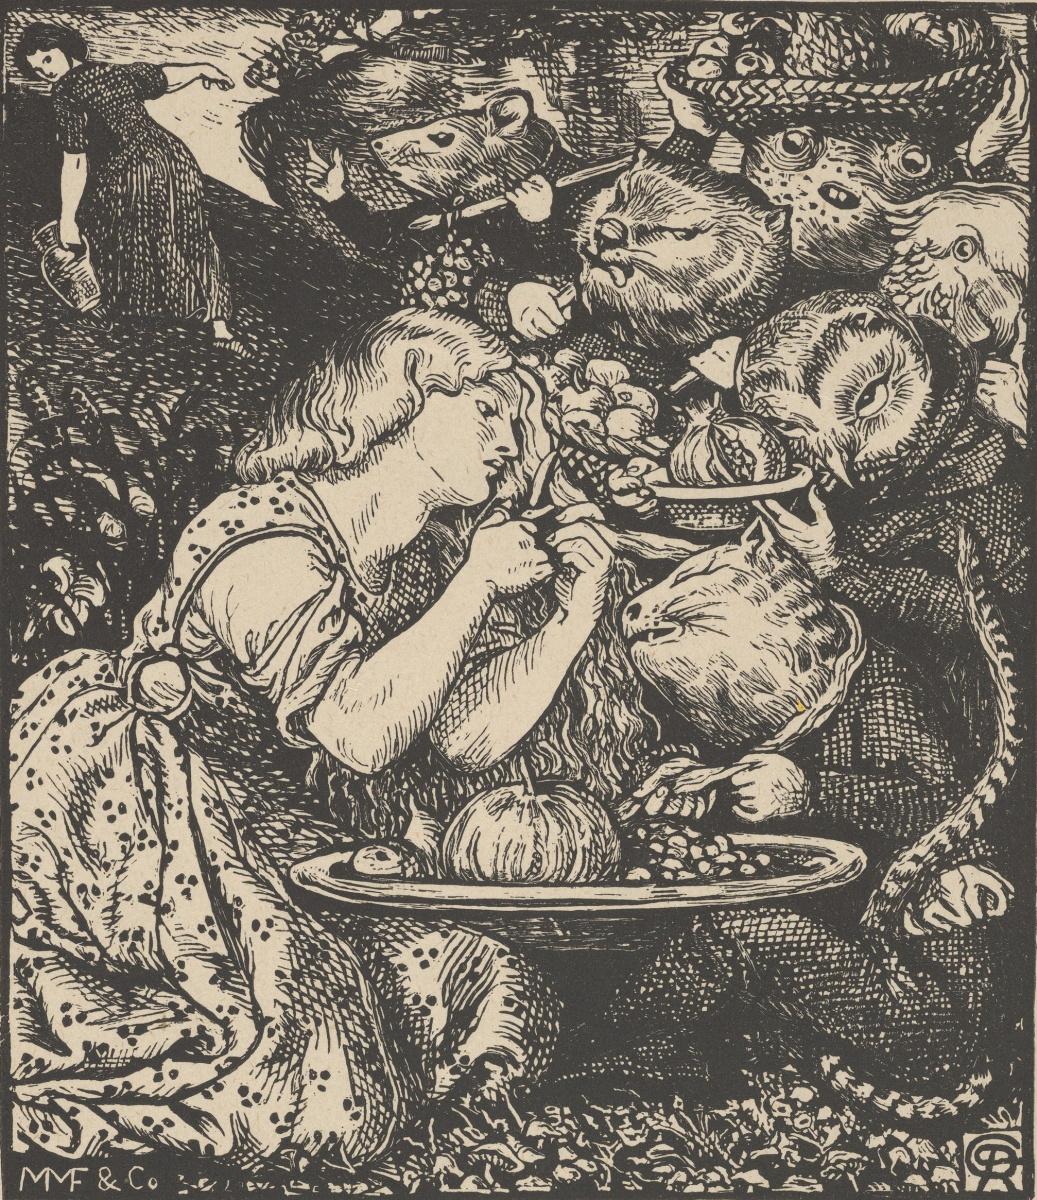 """Данте Габриэль Россетти. Купите за золотой локон. Иллюстрация для книги """"Рынок гоблинов и другие поэмы"""" Кристины Россетти"""